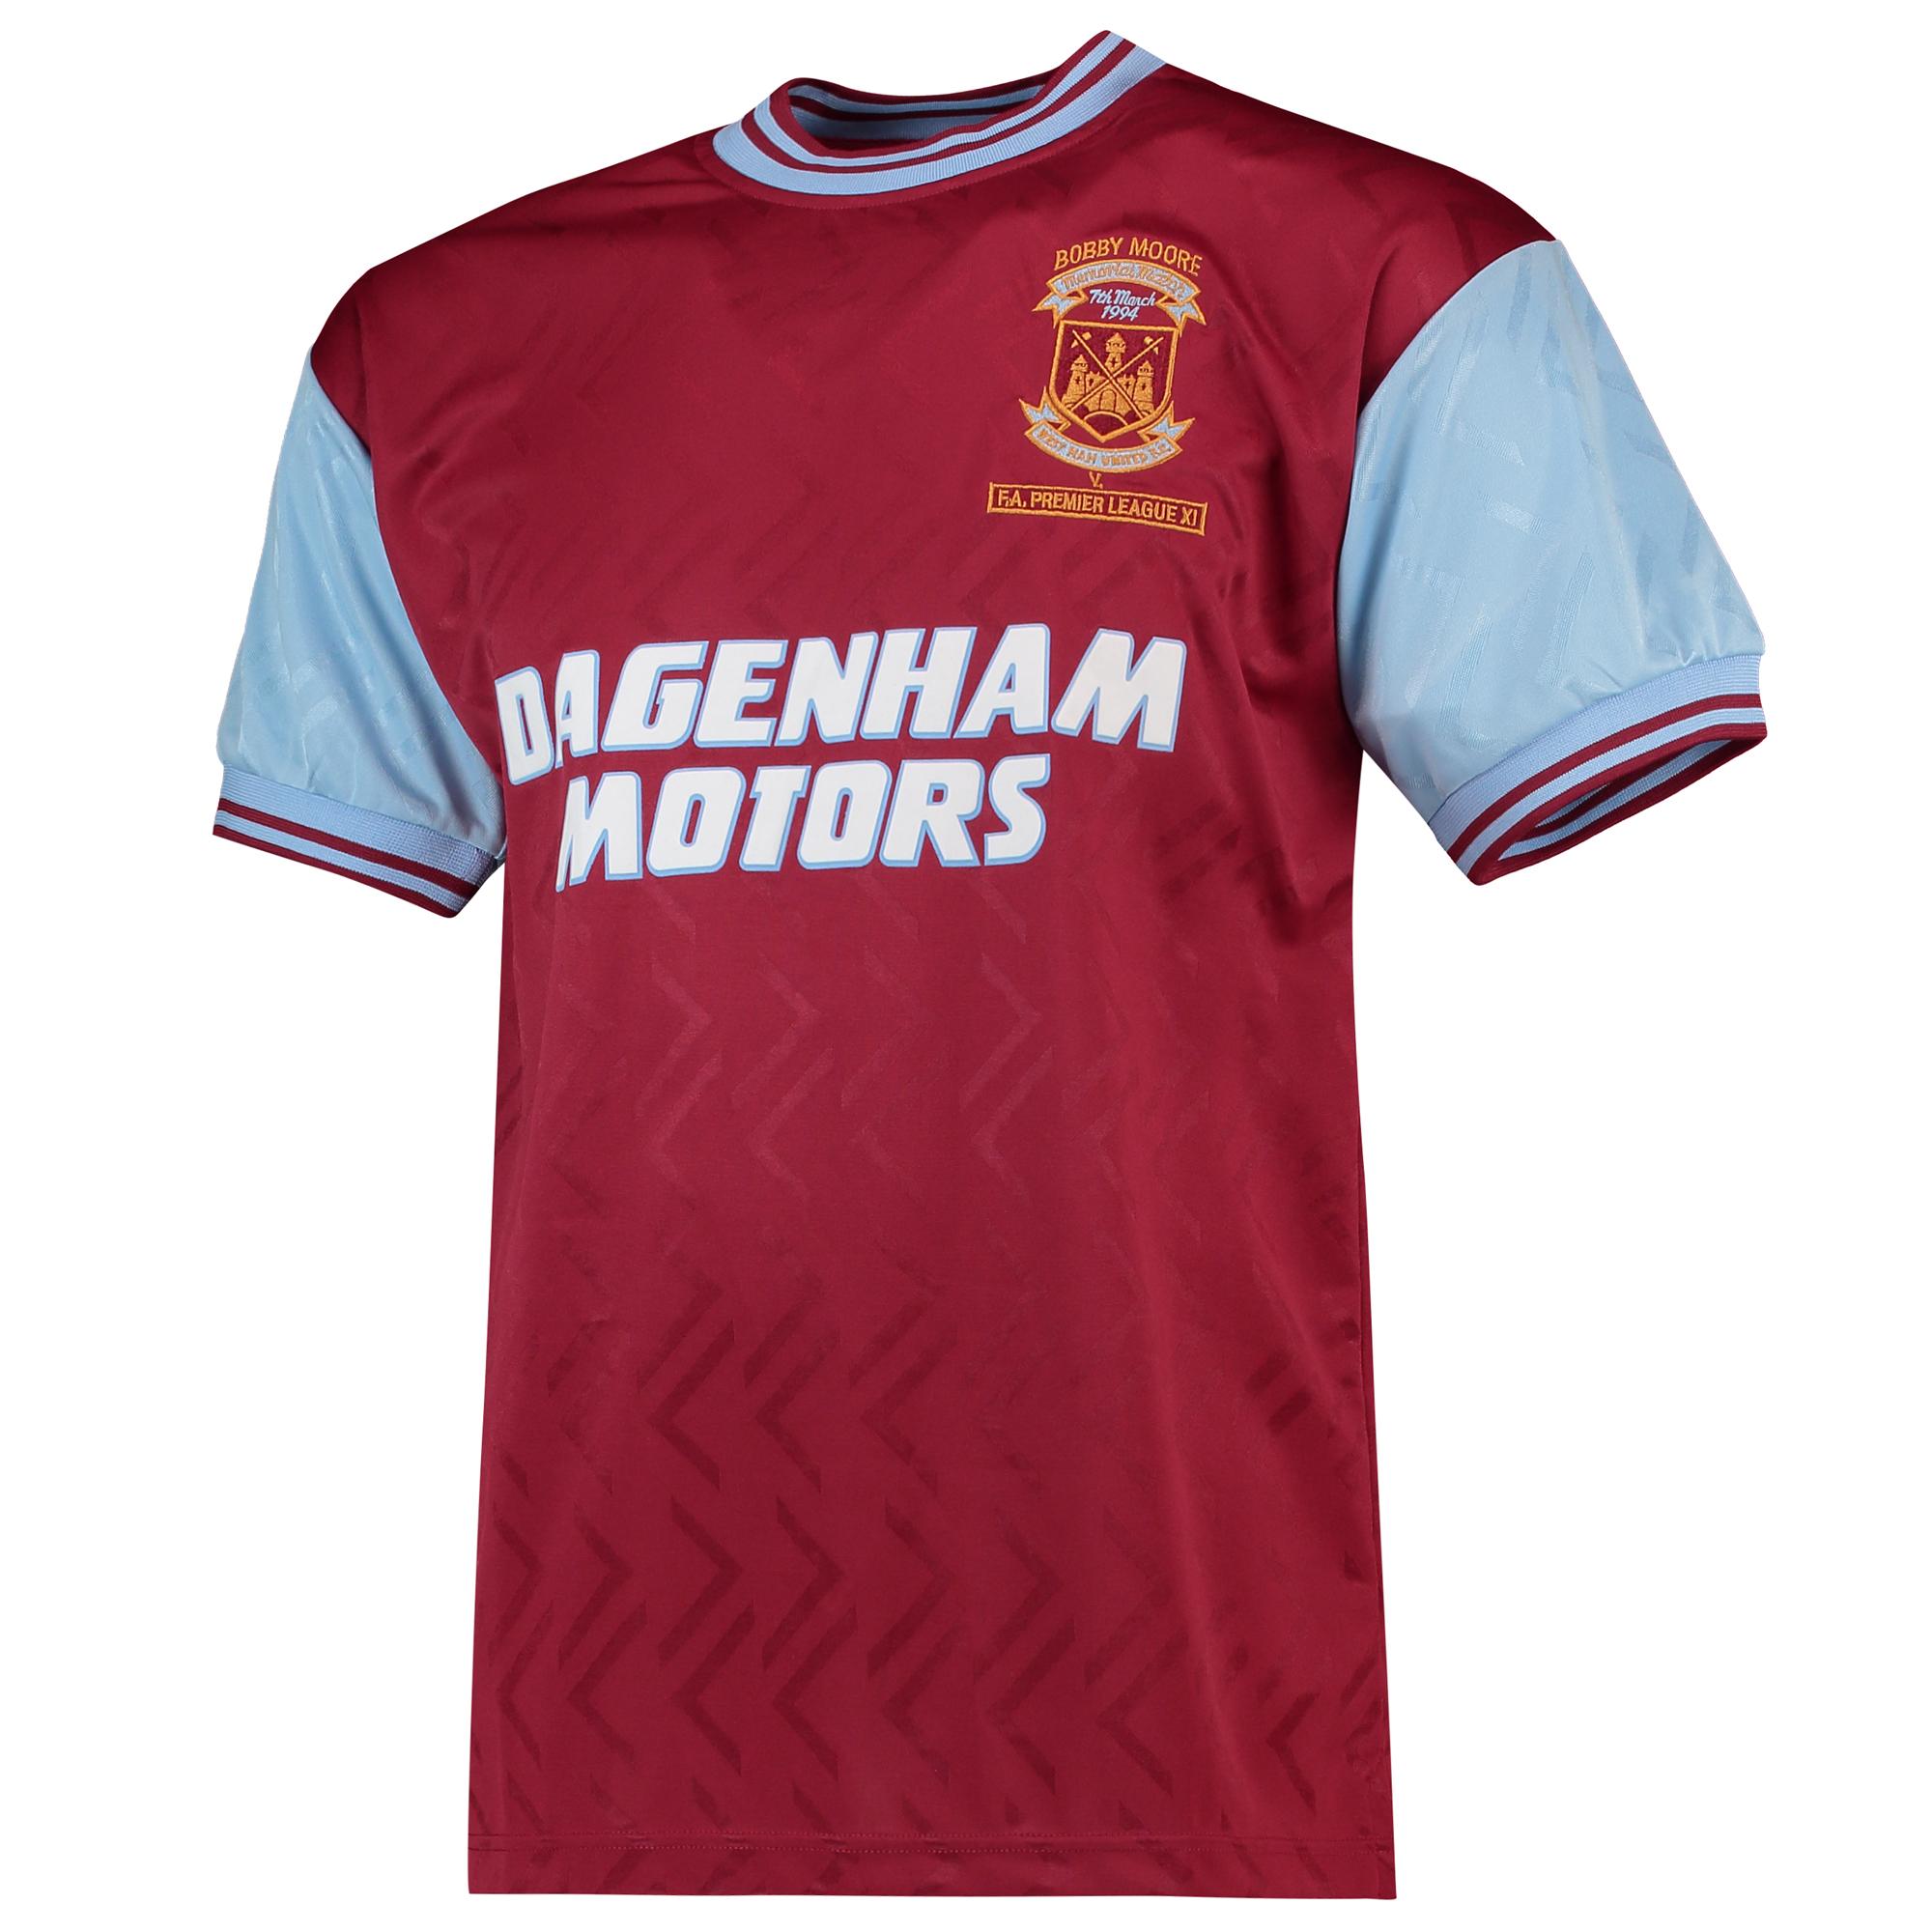 Camiseta West Ham Utd 1994